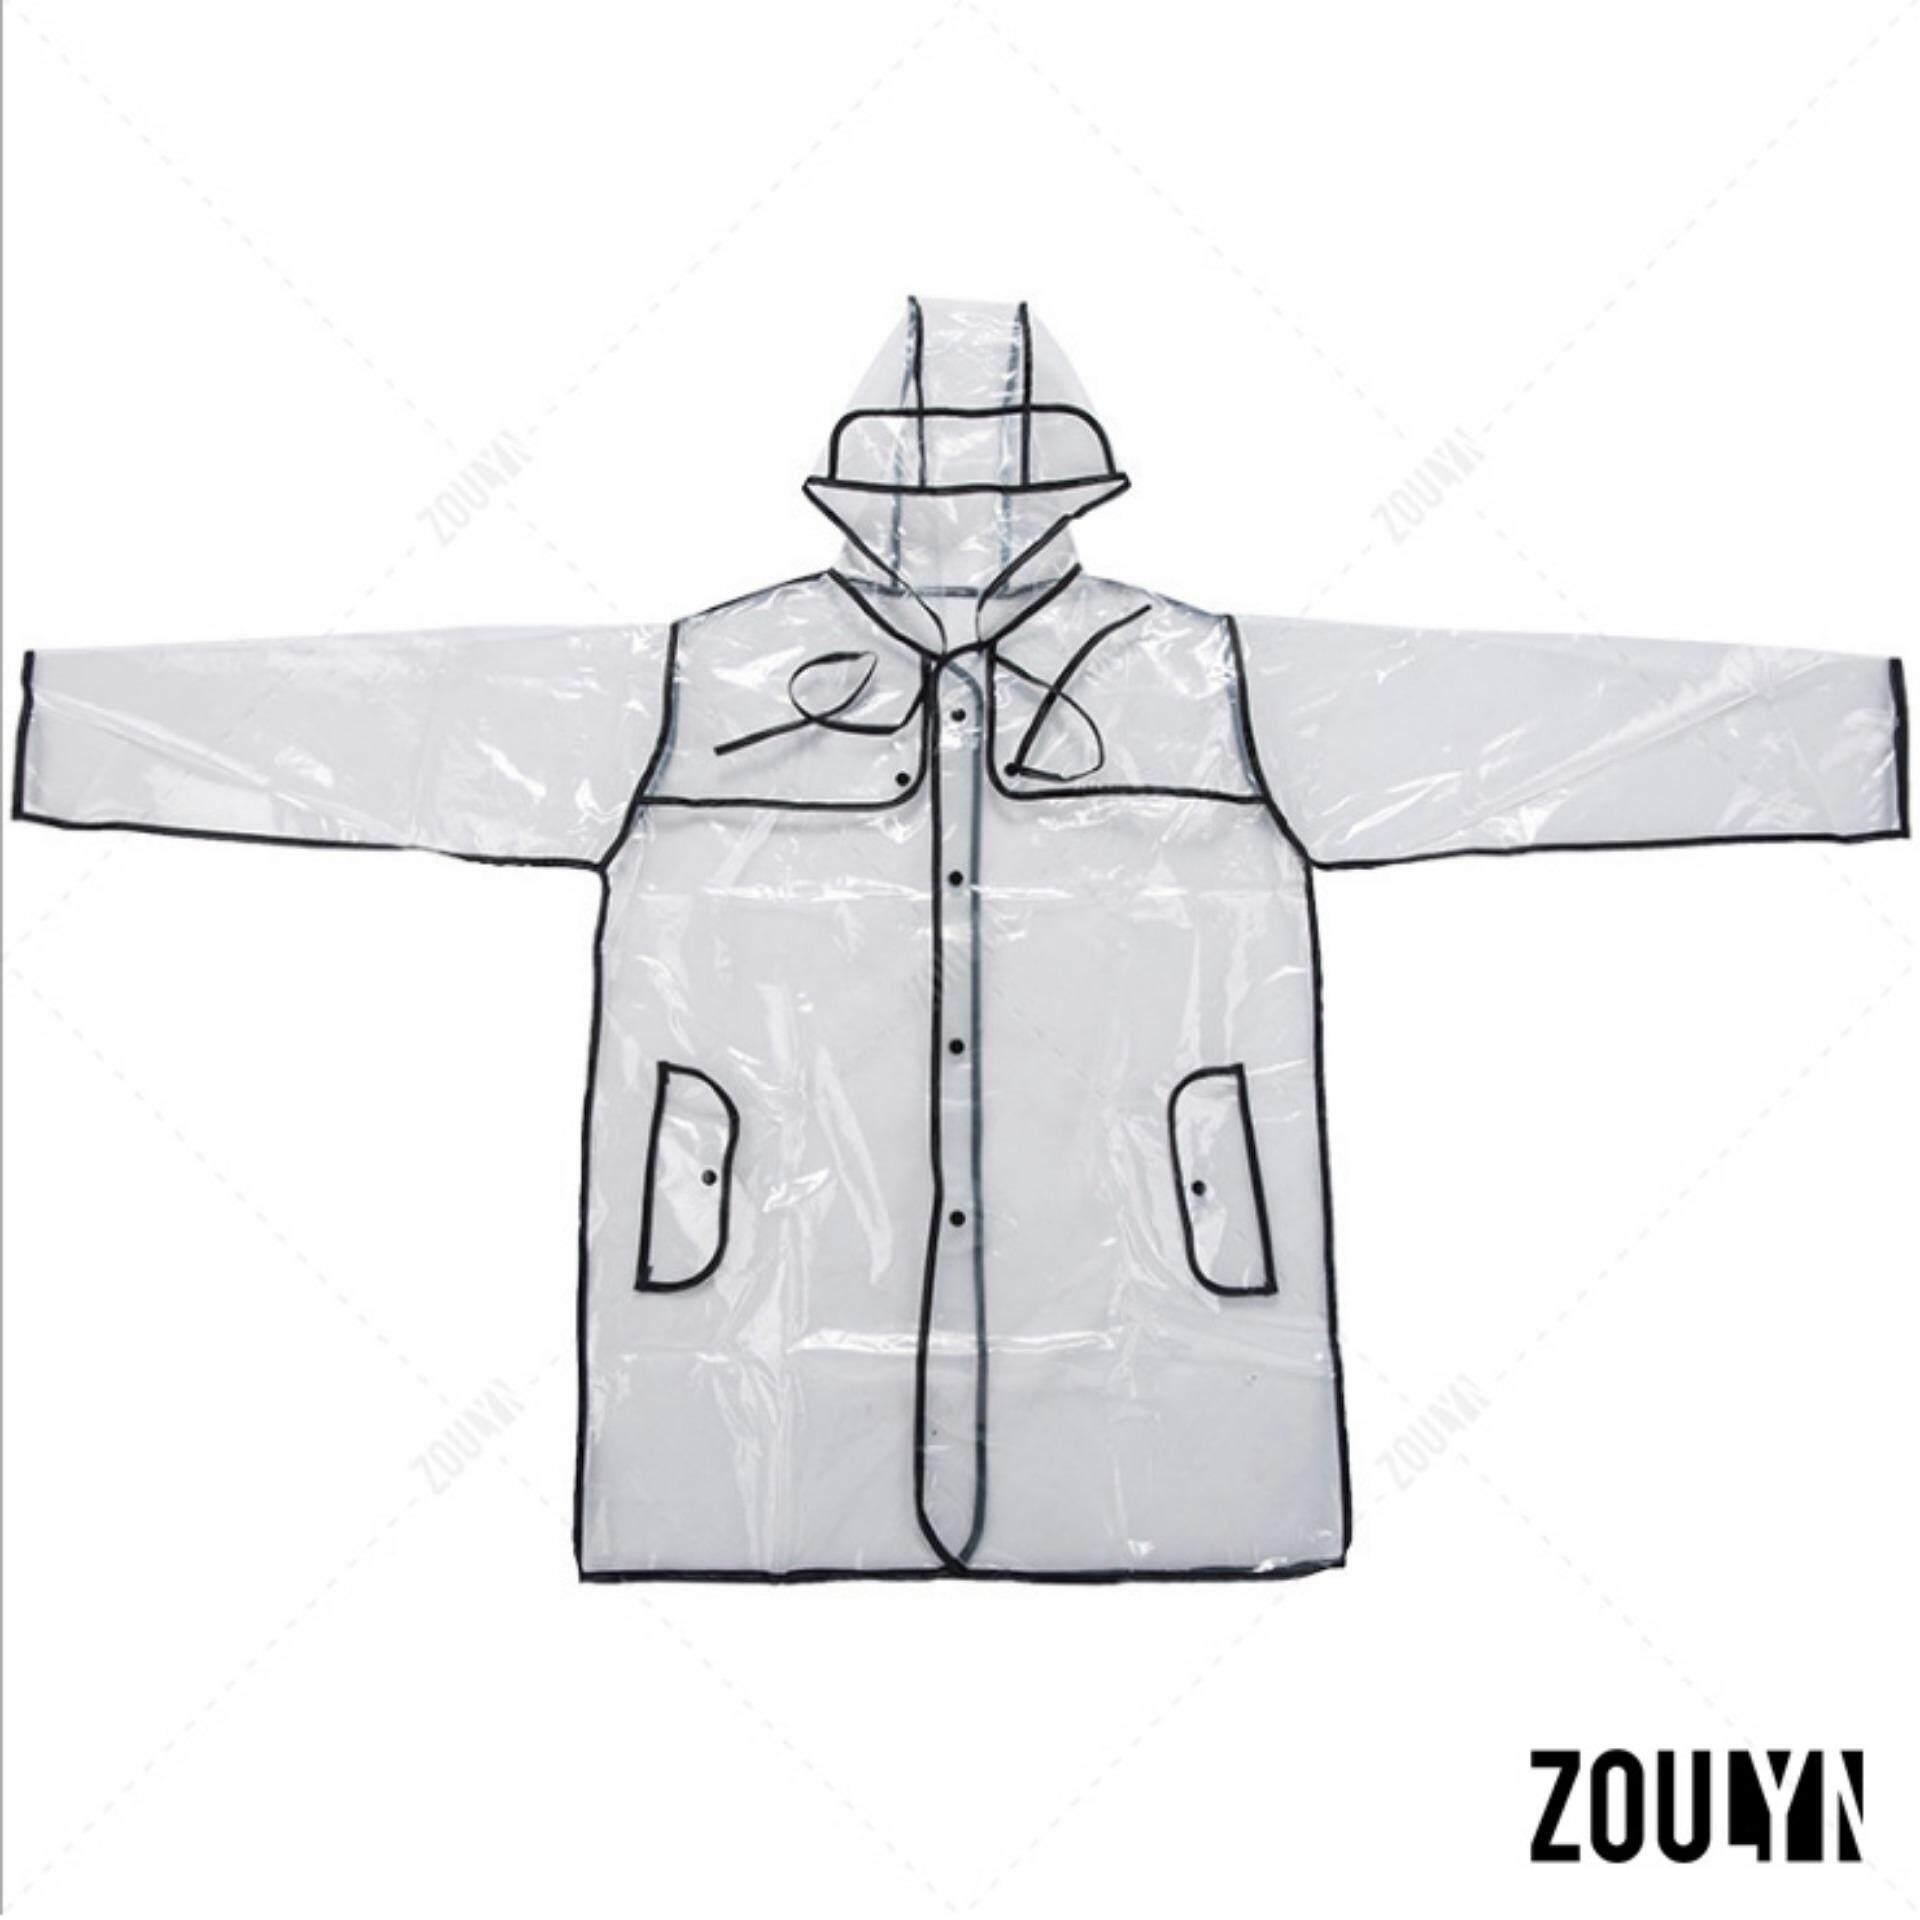 ราคา Zoulyn เสื้อกันฝน แฟชั่น โปร่งใส Fashion Transparent Waterproof Rain Coat ชุดกันฝน สไตล์ญี่ปุ่น รุ่น Kdf 0006 สีดำ Black ราคาถูกที่สุด